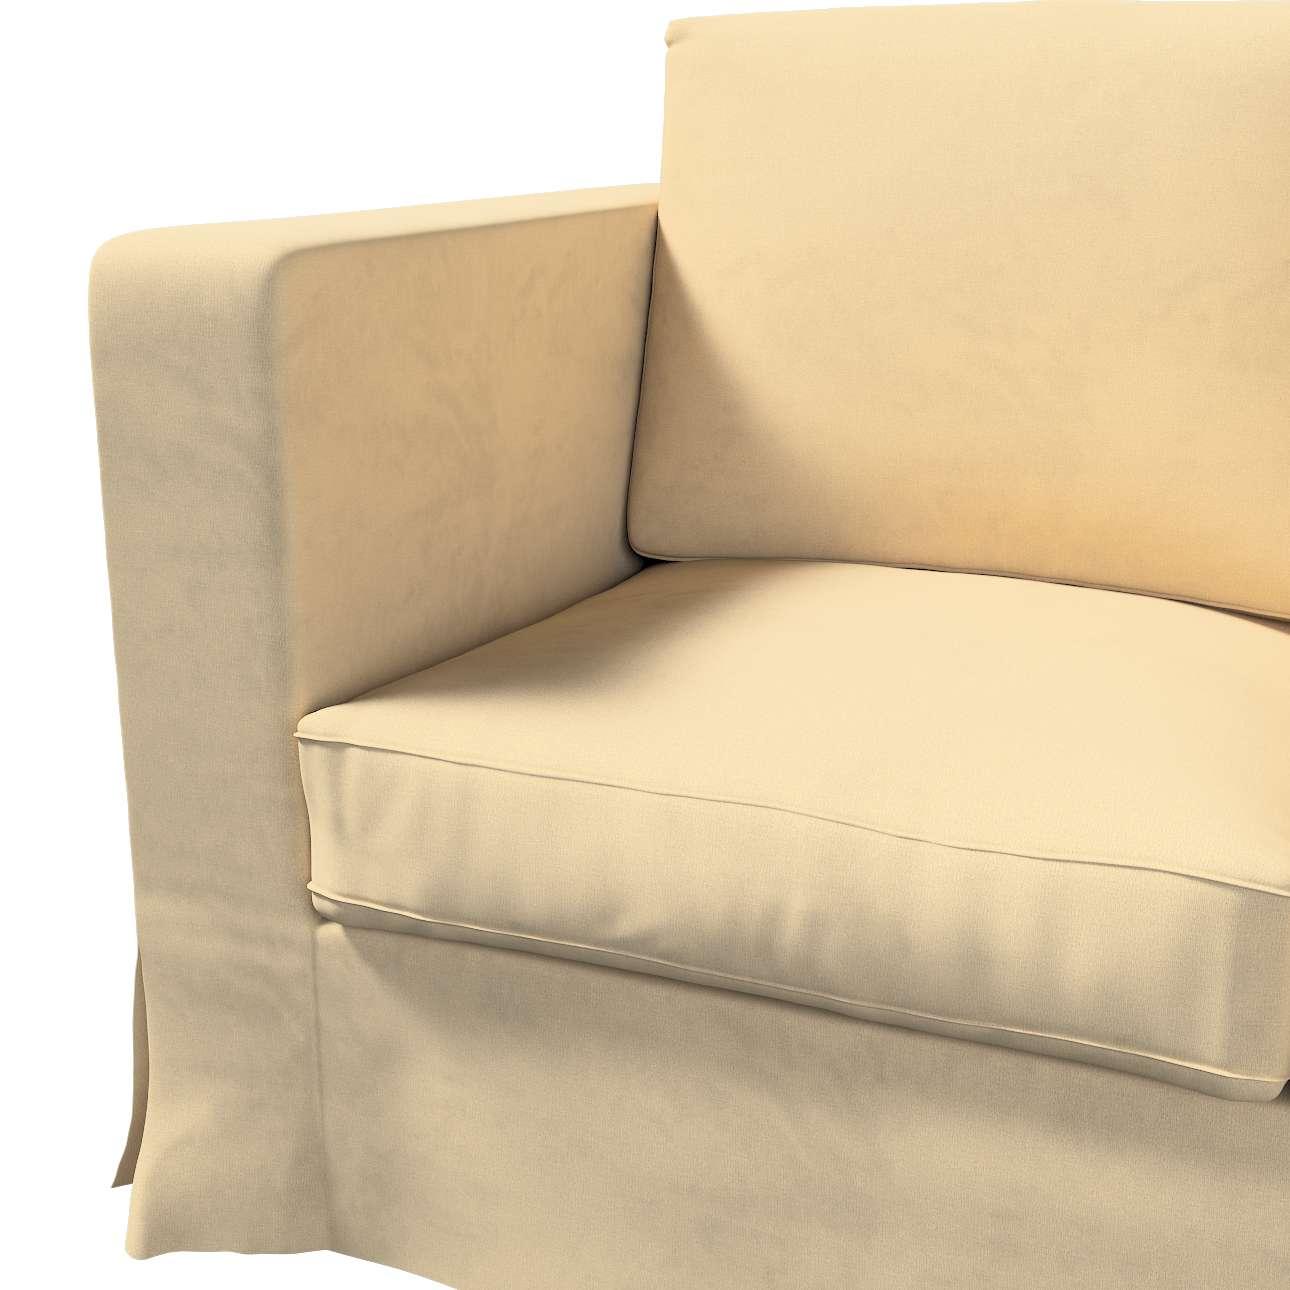 Karlanda klädsel 3-sits soffa - lång i kollektionen Living 2, Tyg: 160-82